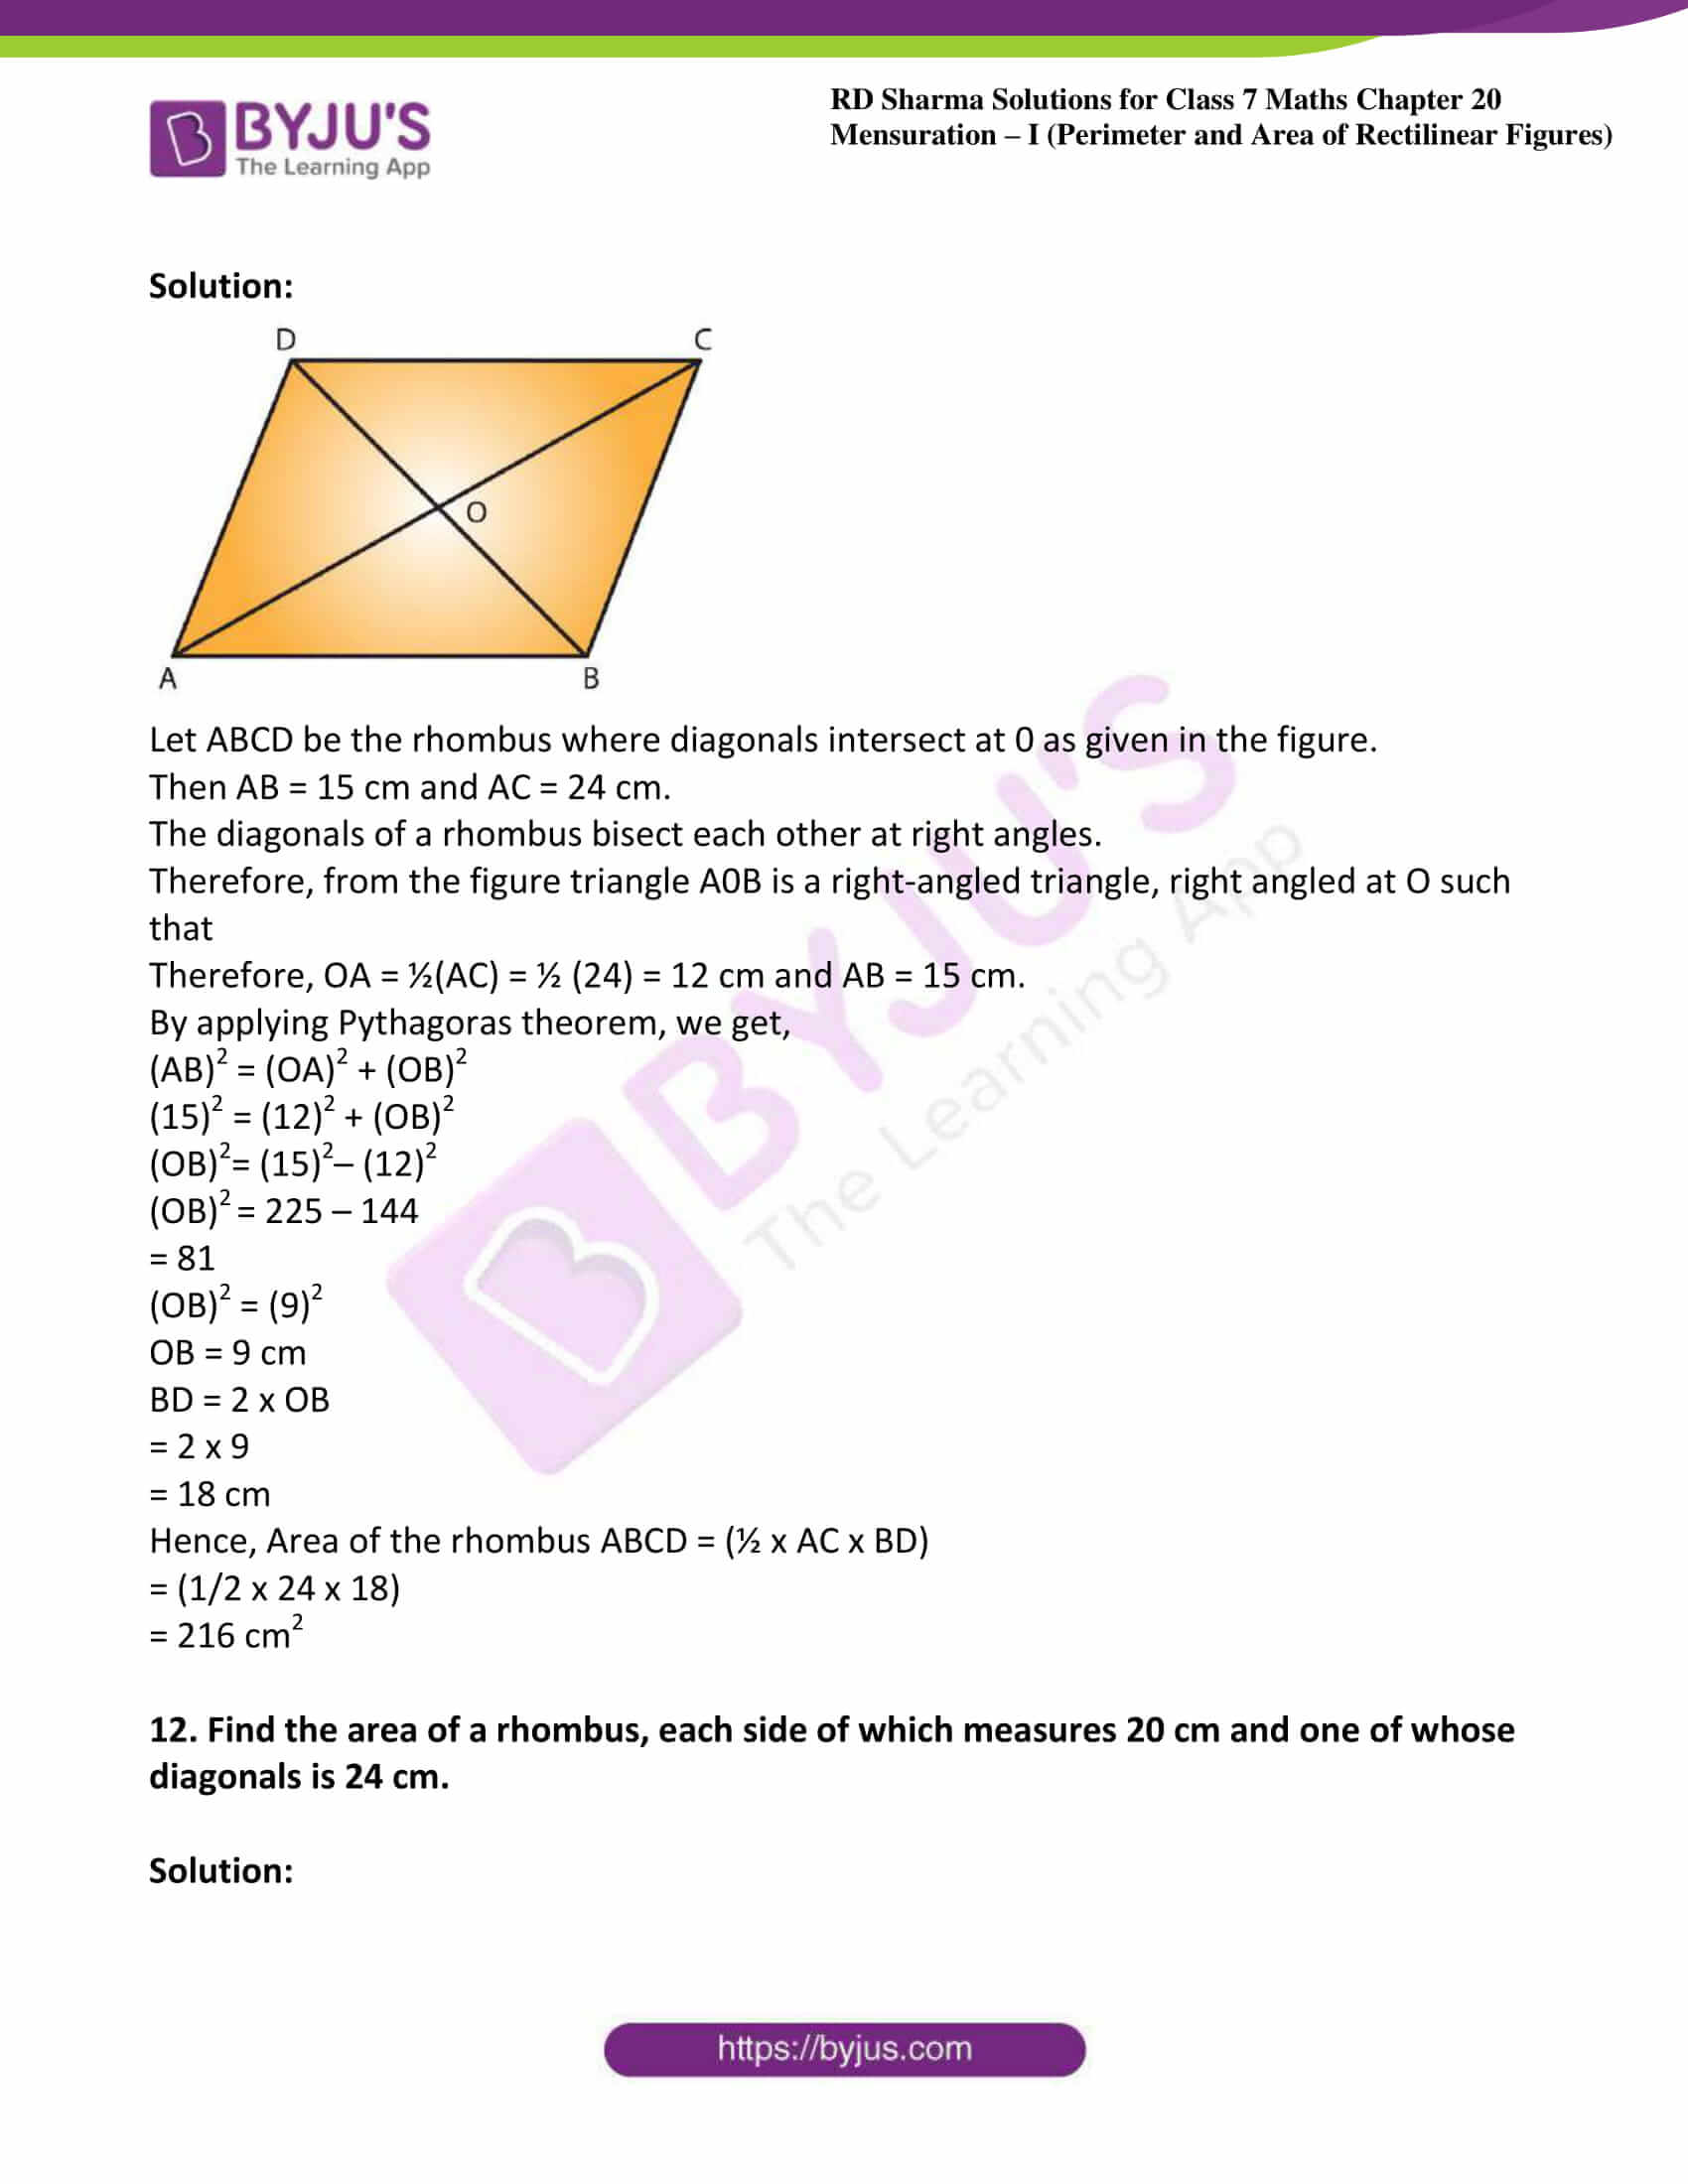 rd sharma maths class7 solution chapter 20 ex 3 07